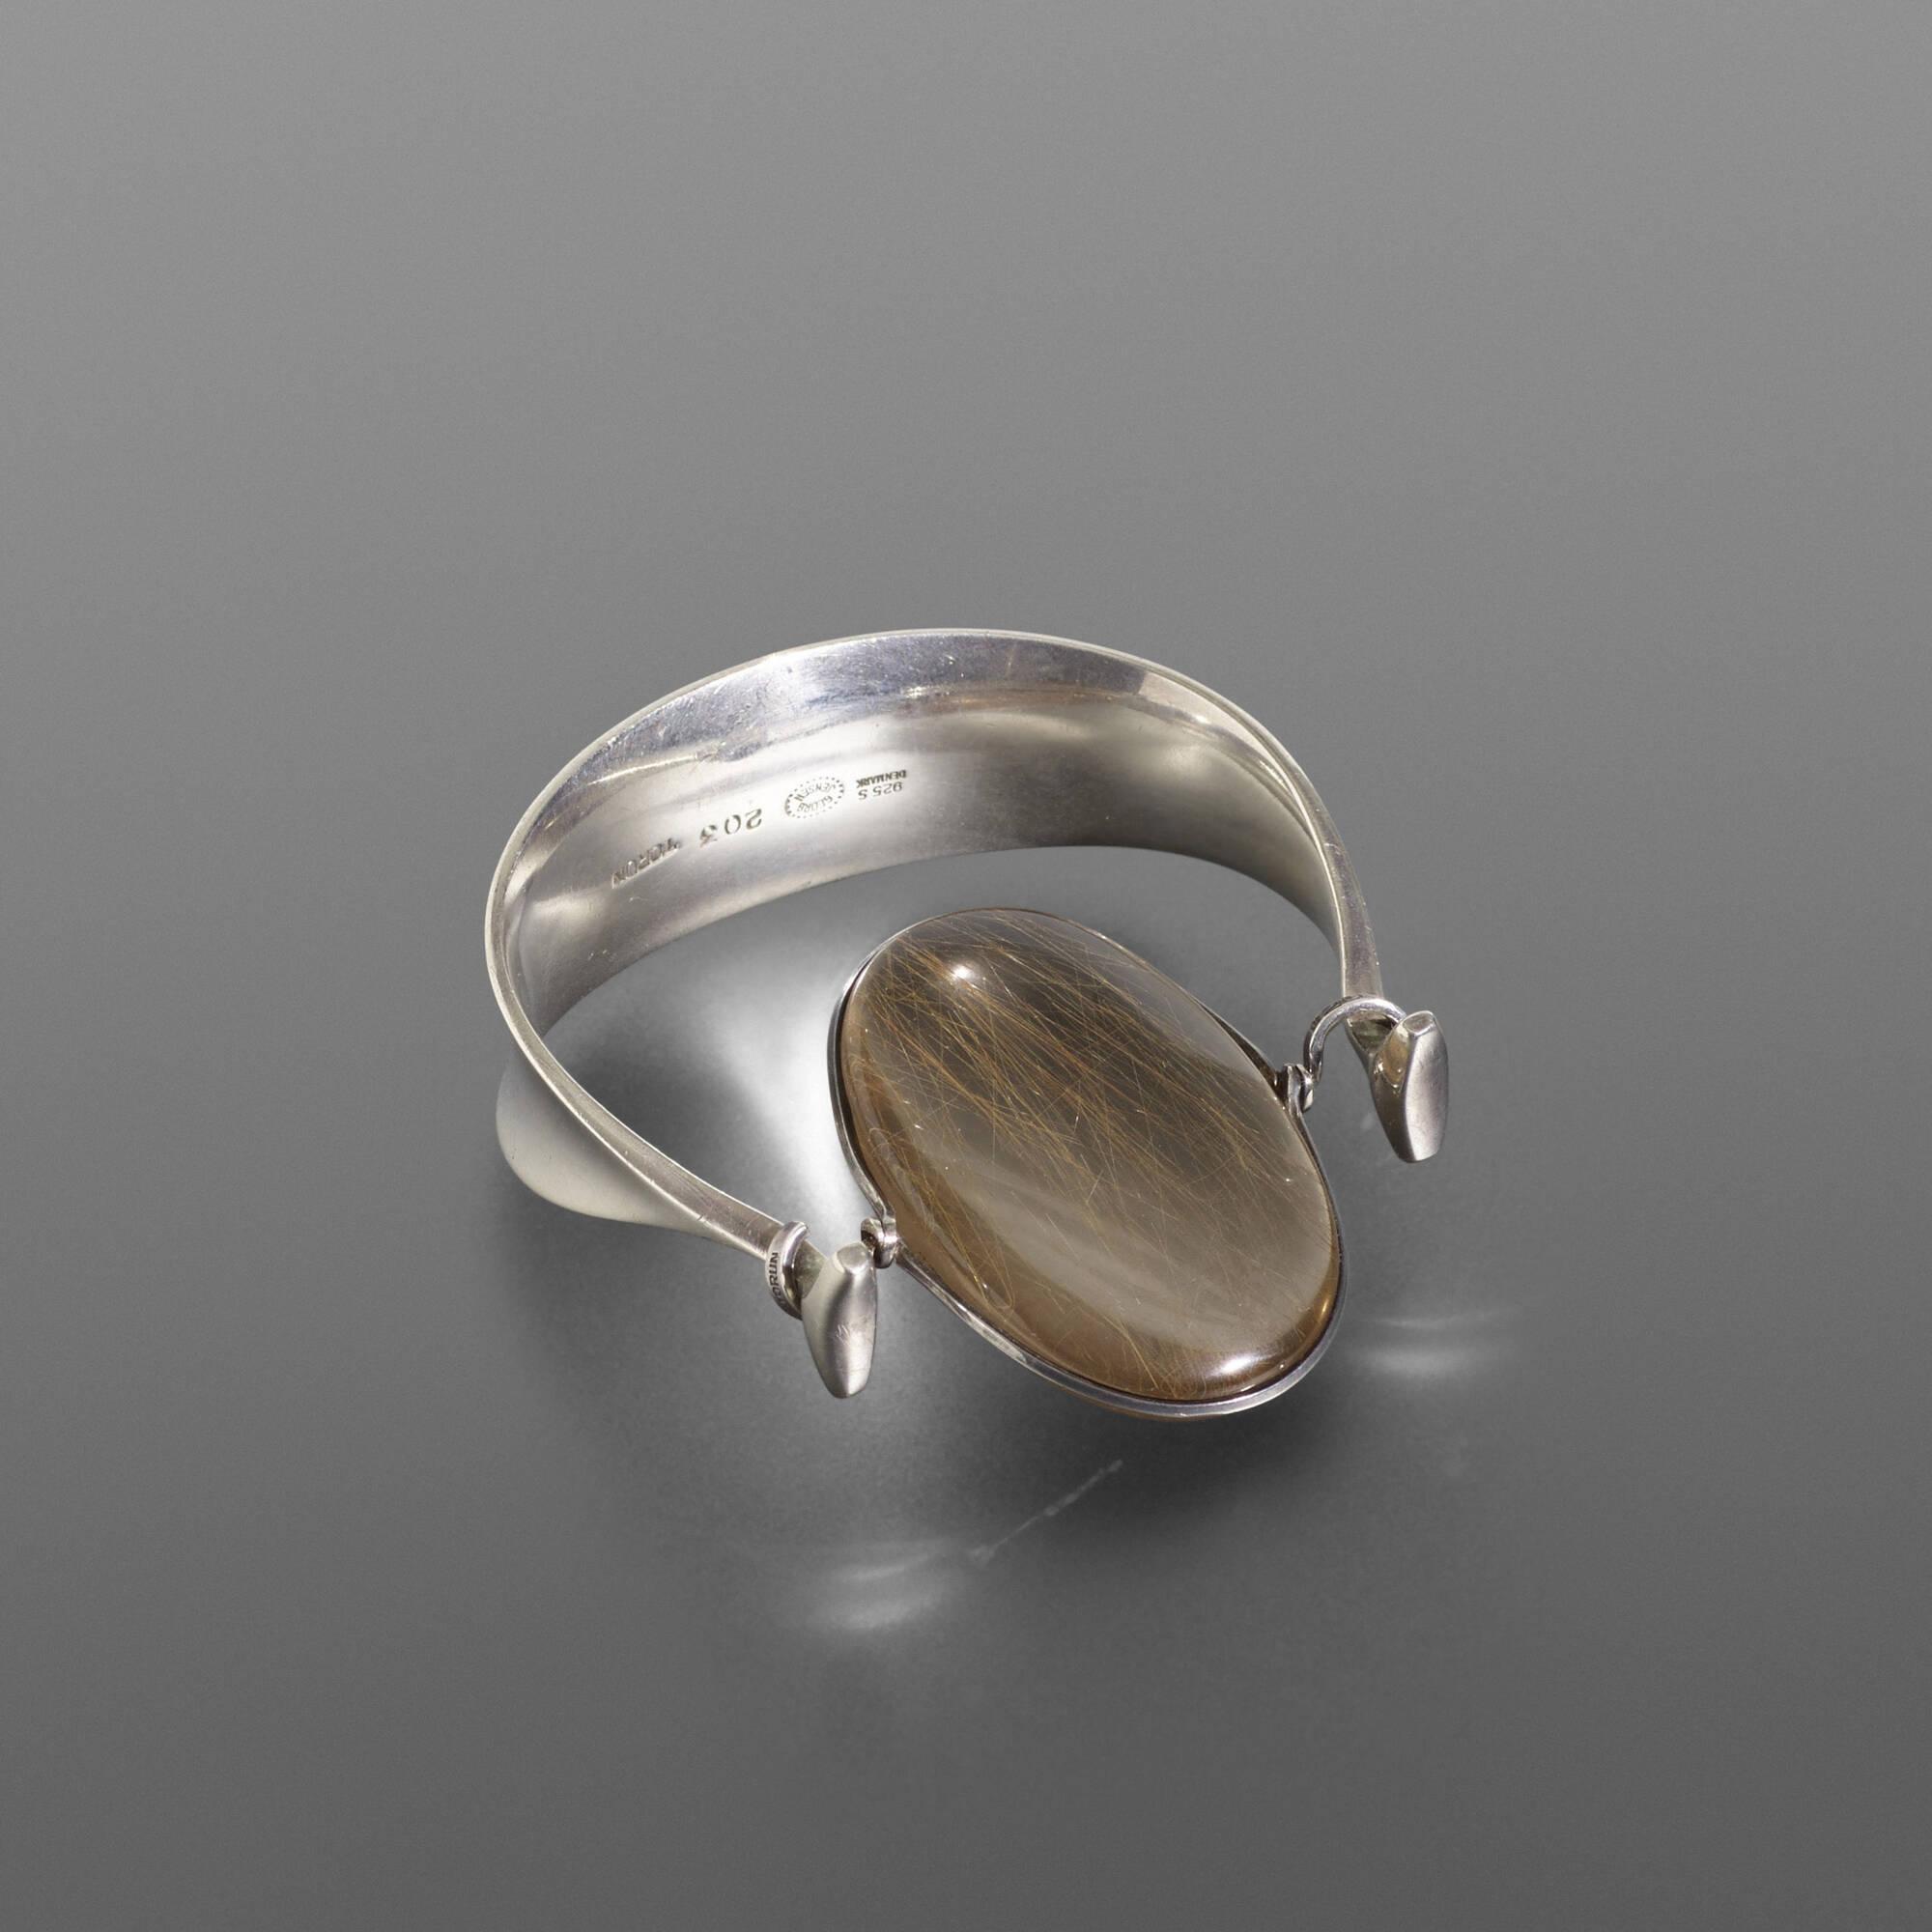 173: Vivianna Torun Bülow-Hübe / bracelet, model 203 (2 of 3)